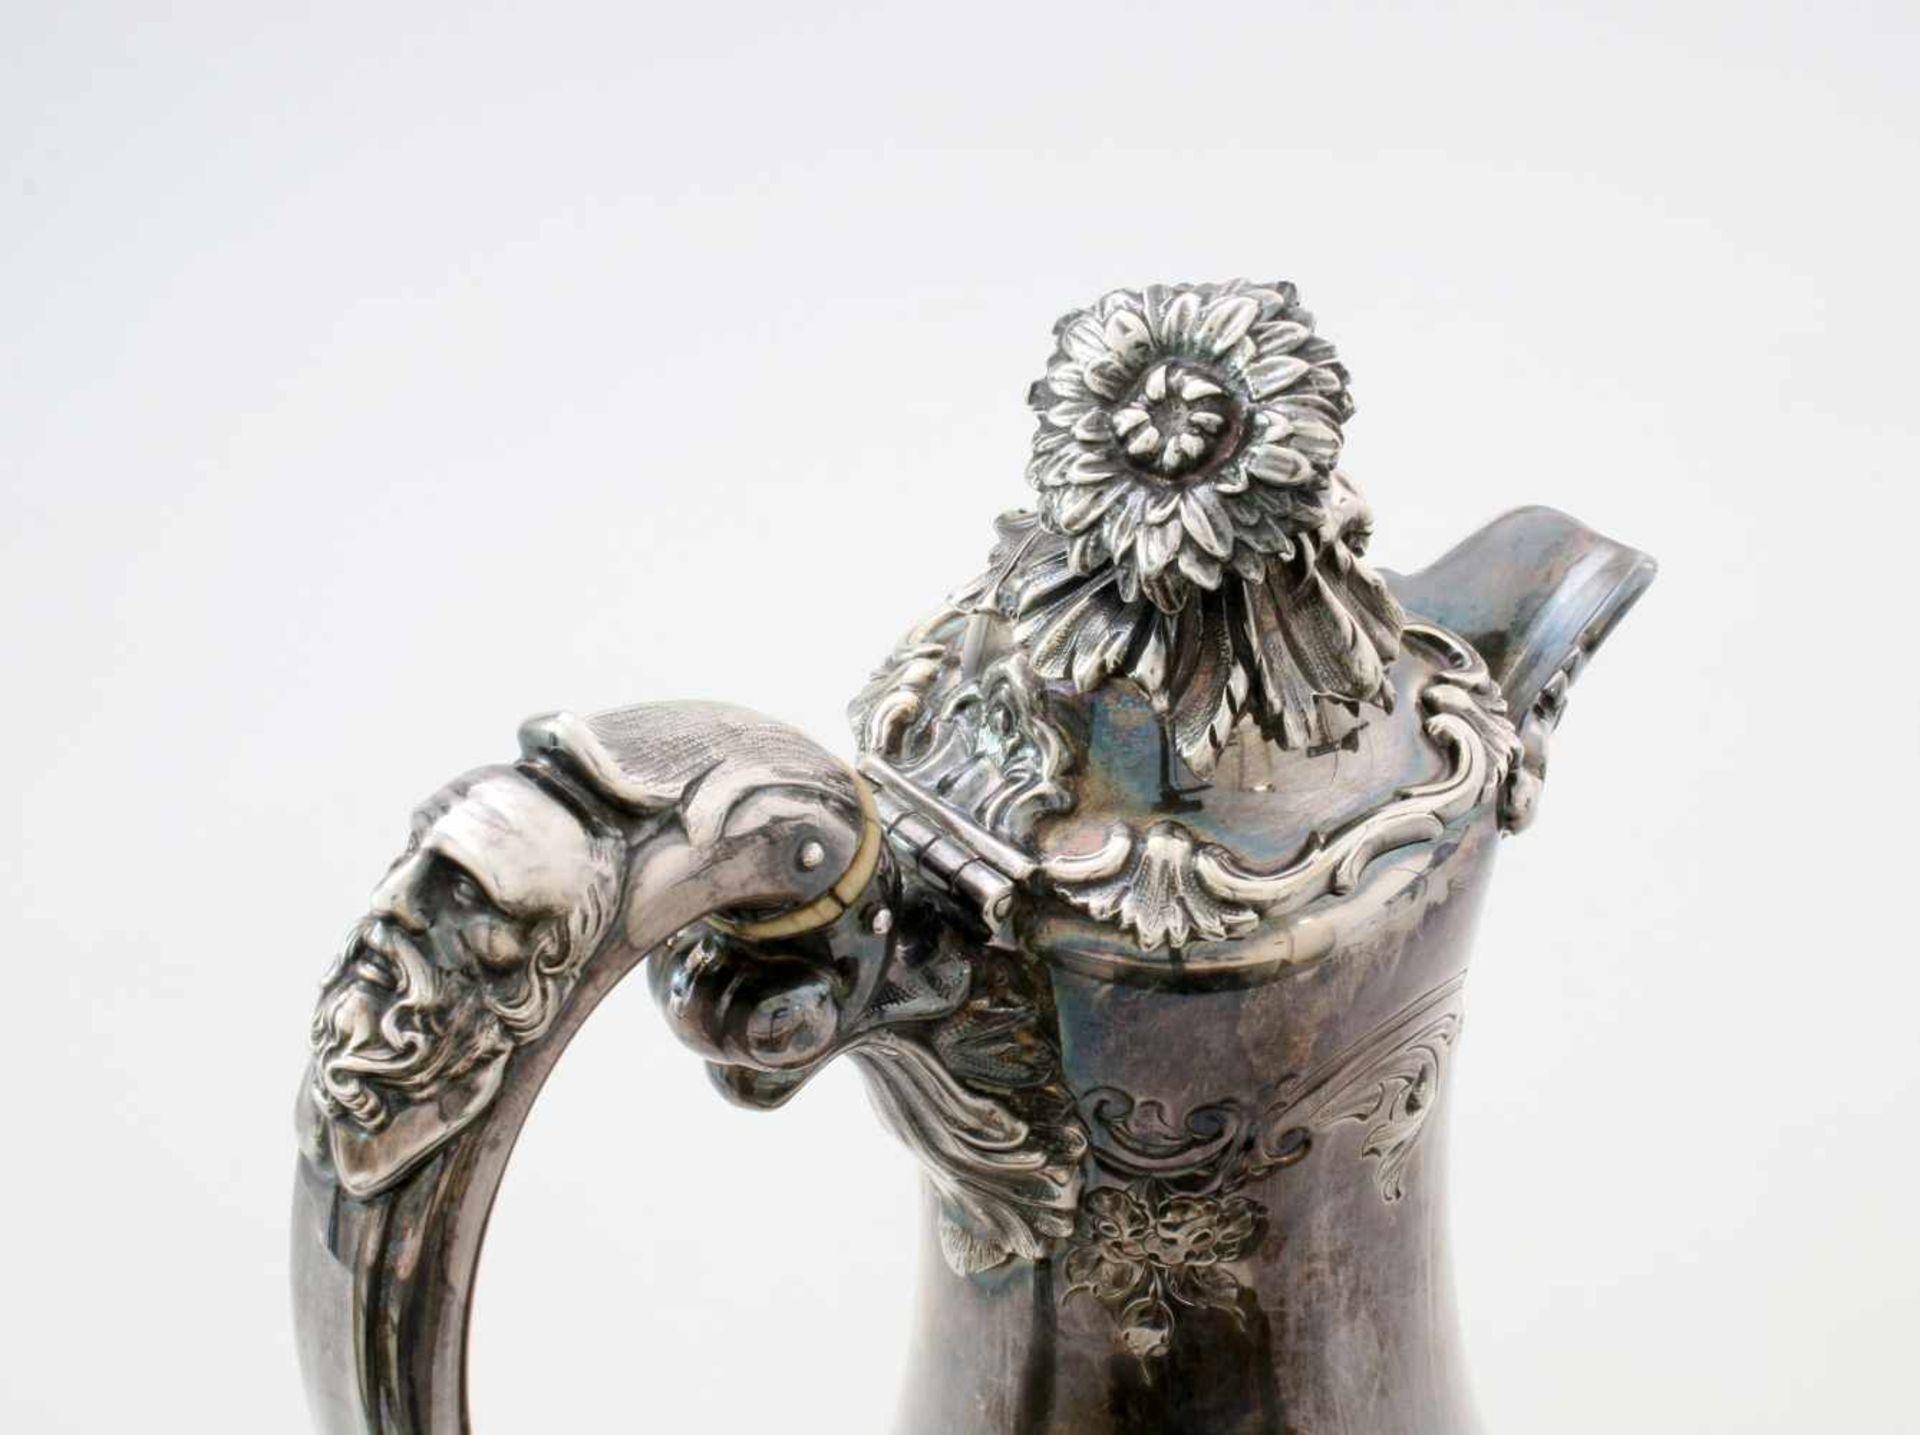 Versilberte Kanne - W&G Sissons Sheffield - 19. JahrhundertIm Fuß Glockenmarke von Sissons, - Bild 3 aus 5